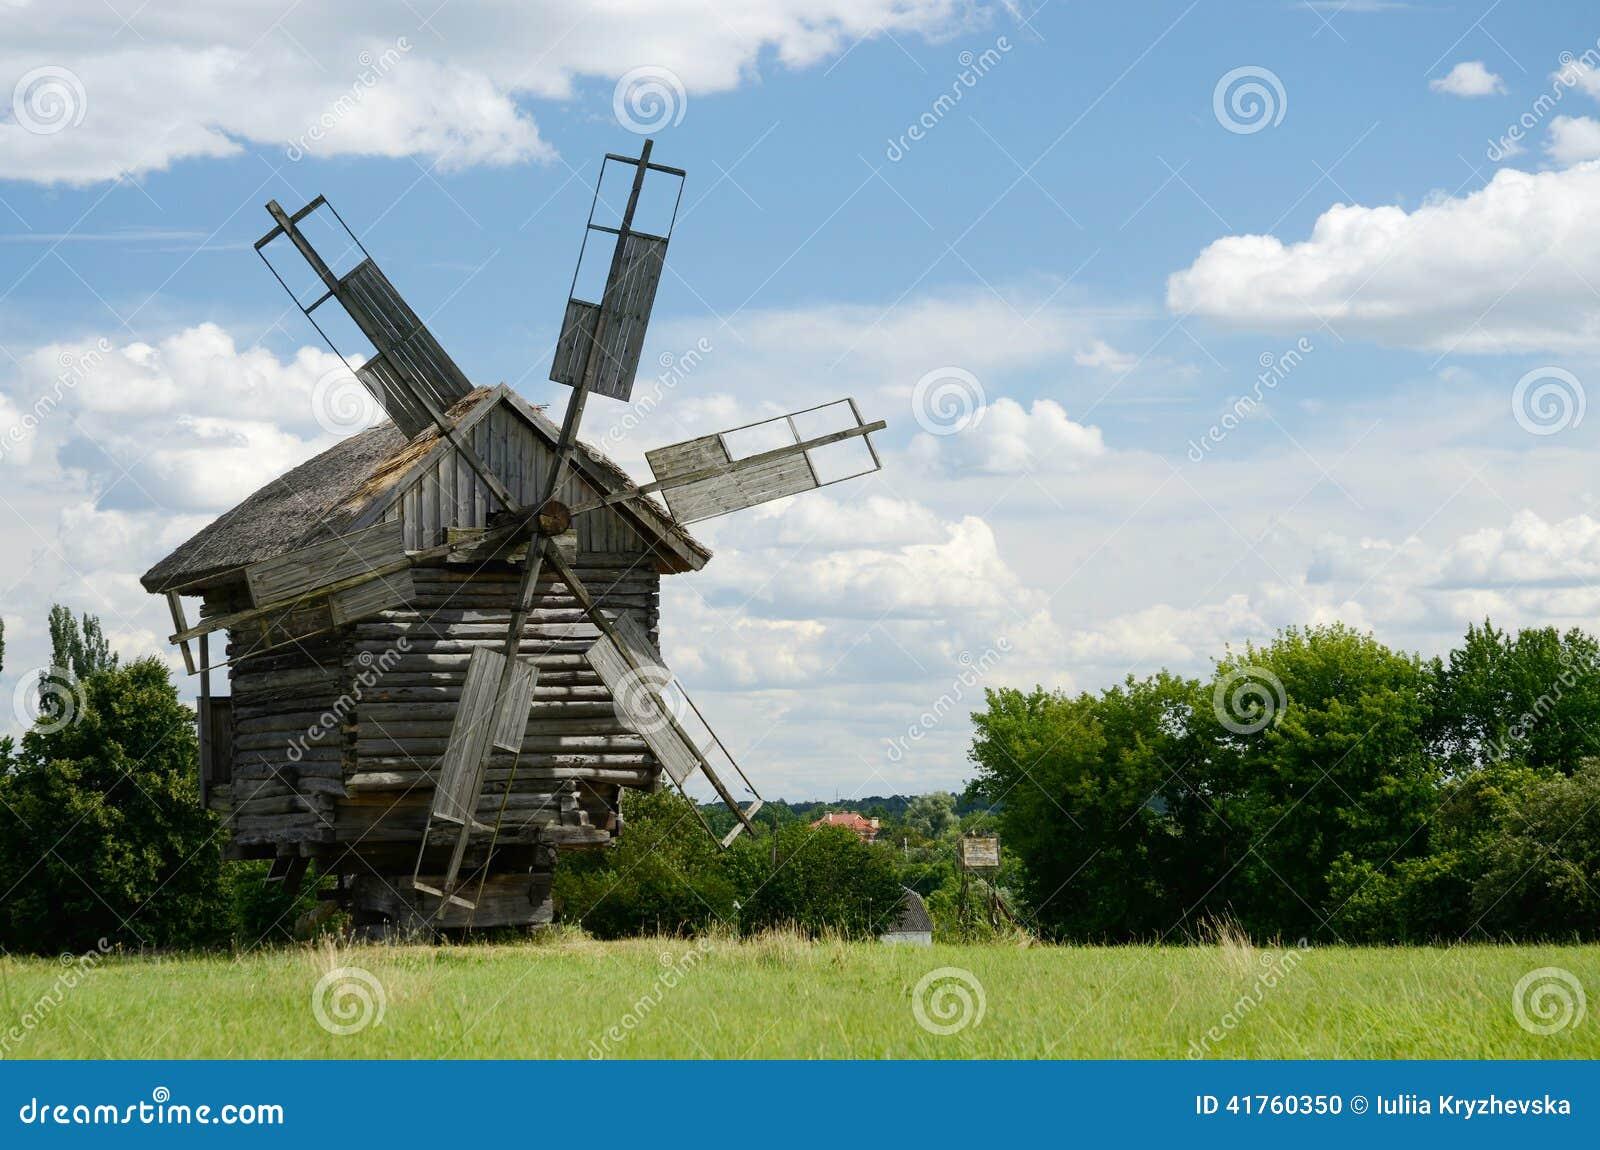 传统老乌克兰农村风车, pirogovo,欧洲,联合国科教文组织遗产.图片